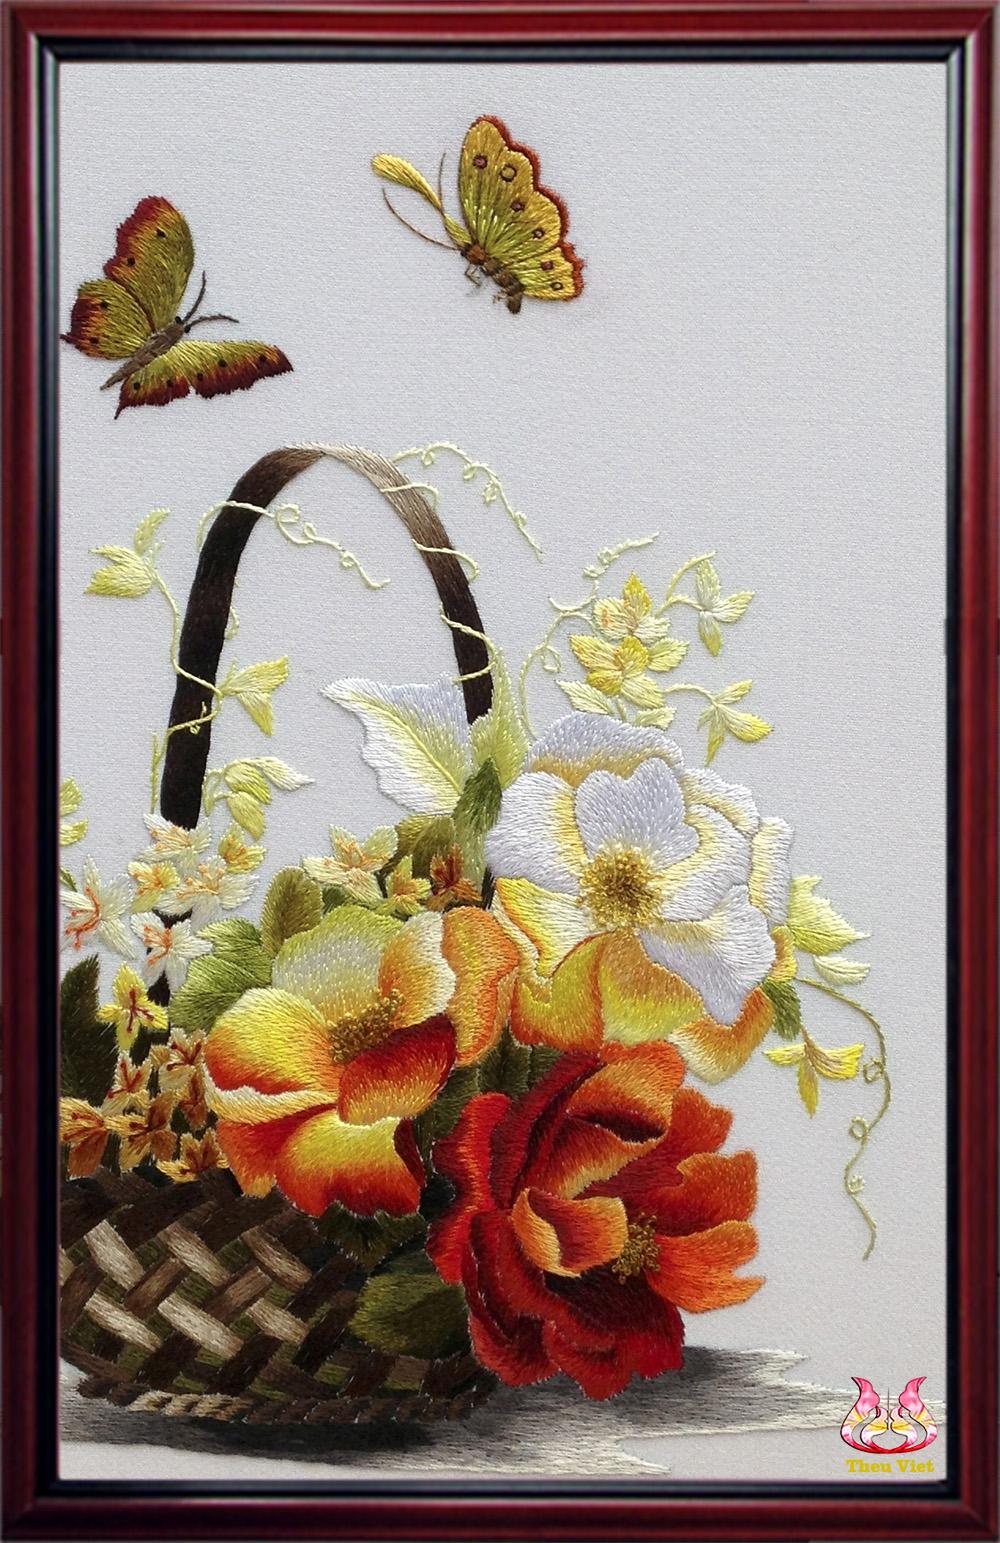 Flower baskets II